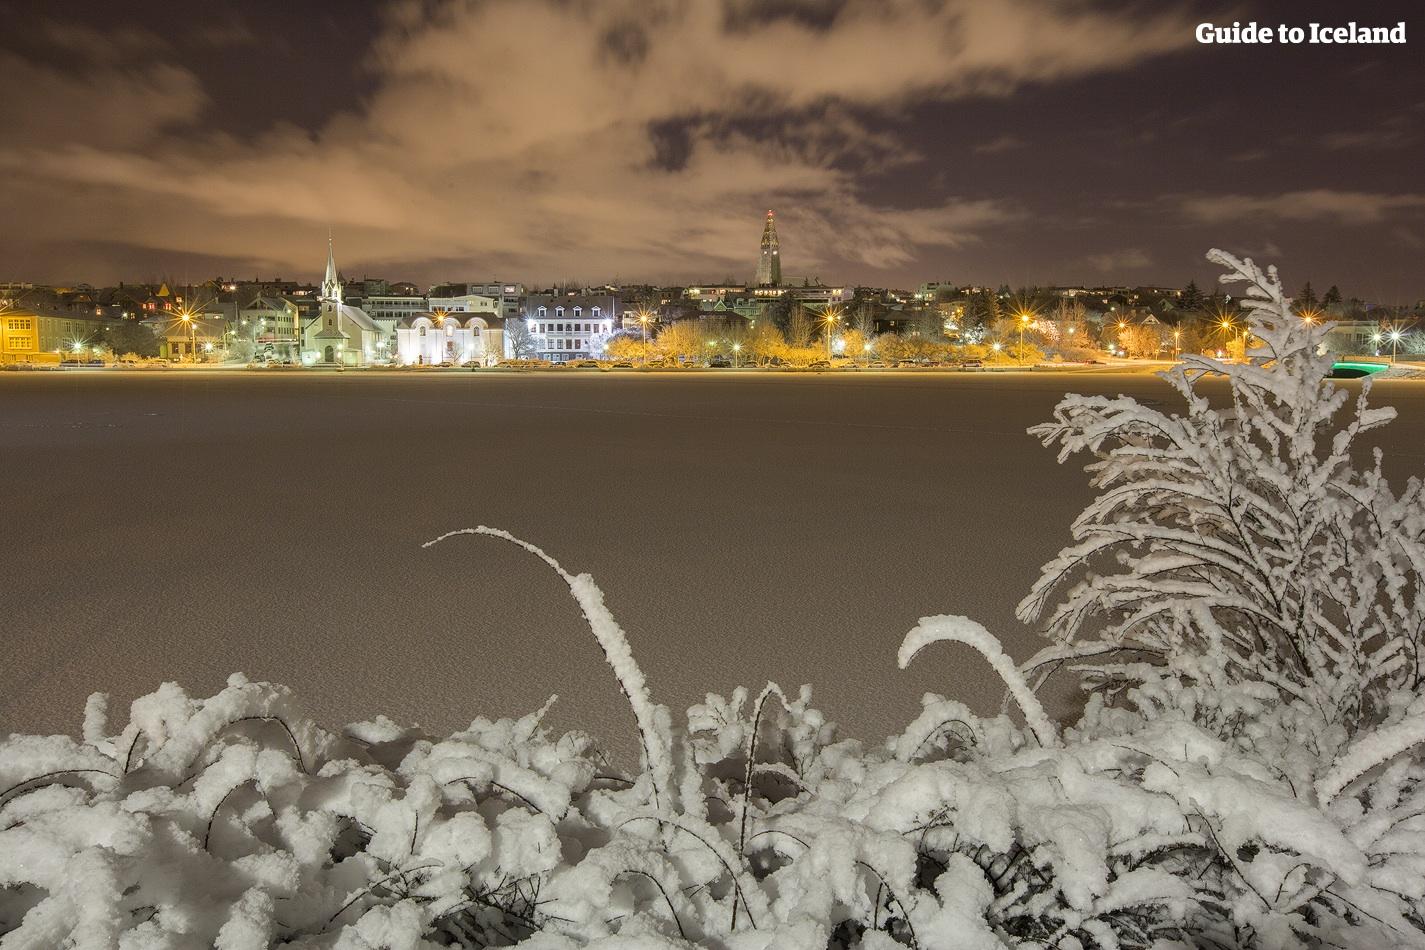 Le luci del centro di Reykjavík illuminano il buio cielo invernale.